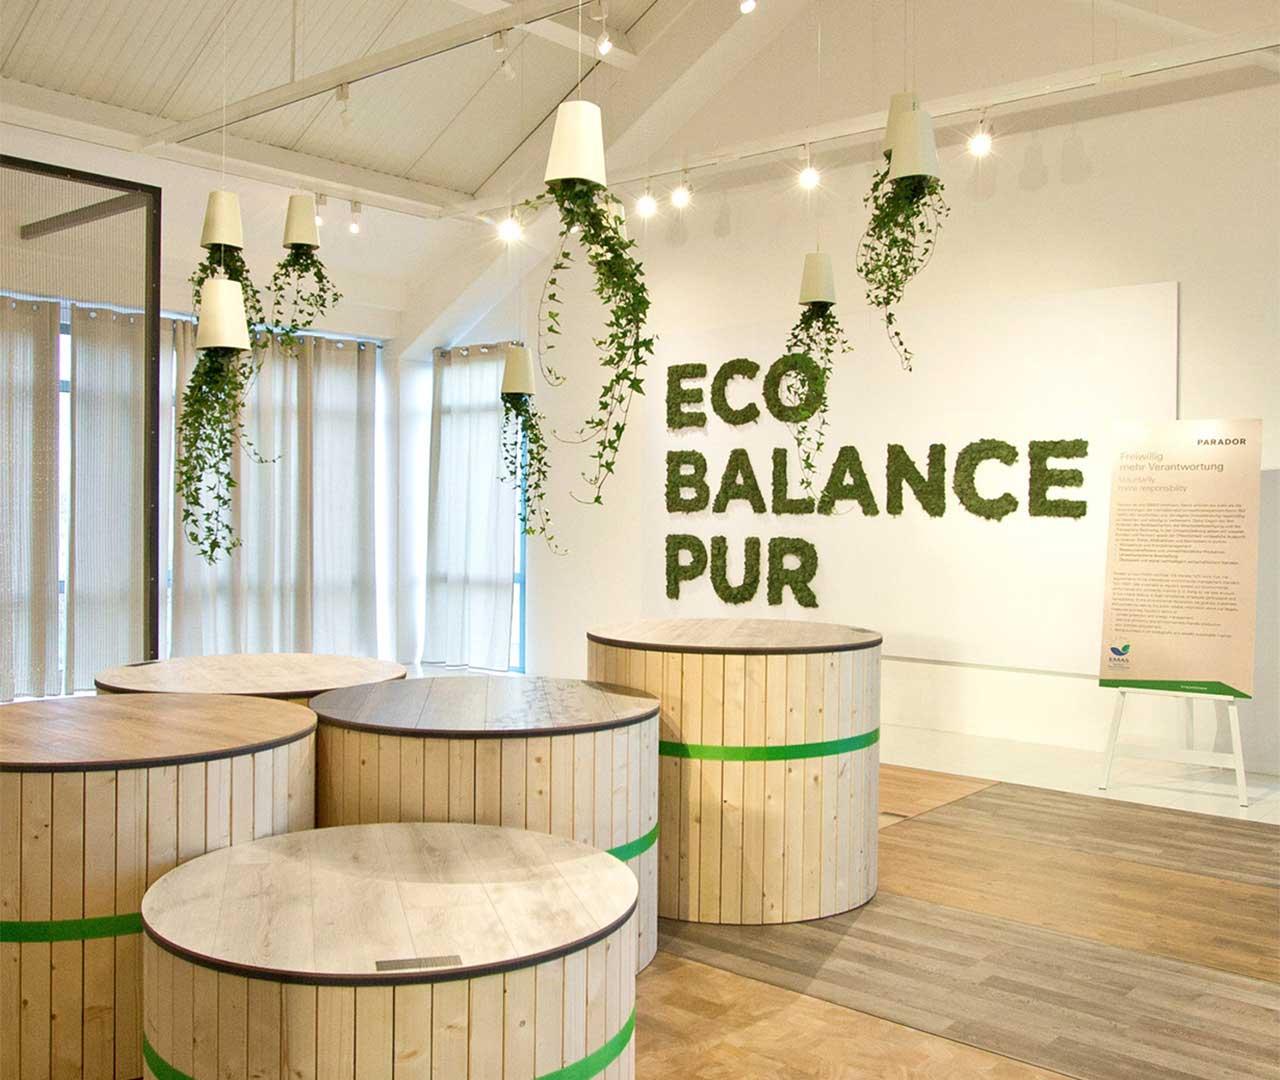 Parador Ausstellungsfläche, von Designagentur Preussisch Portugal